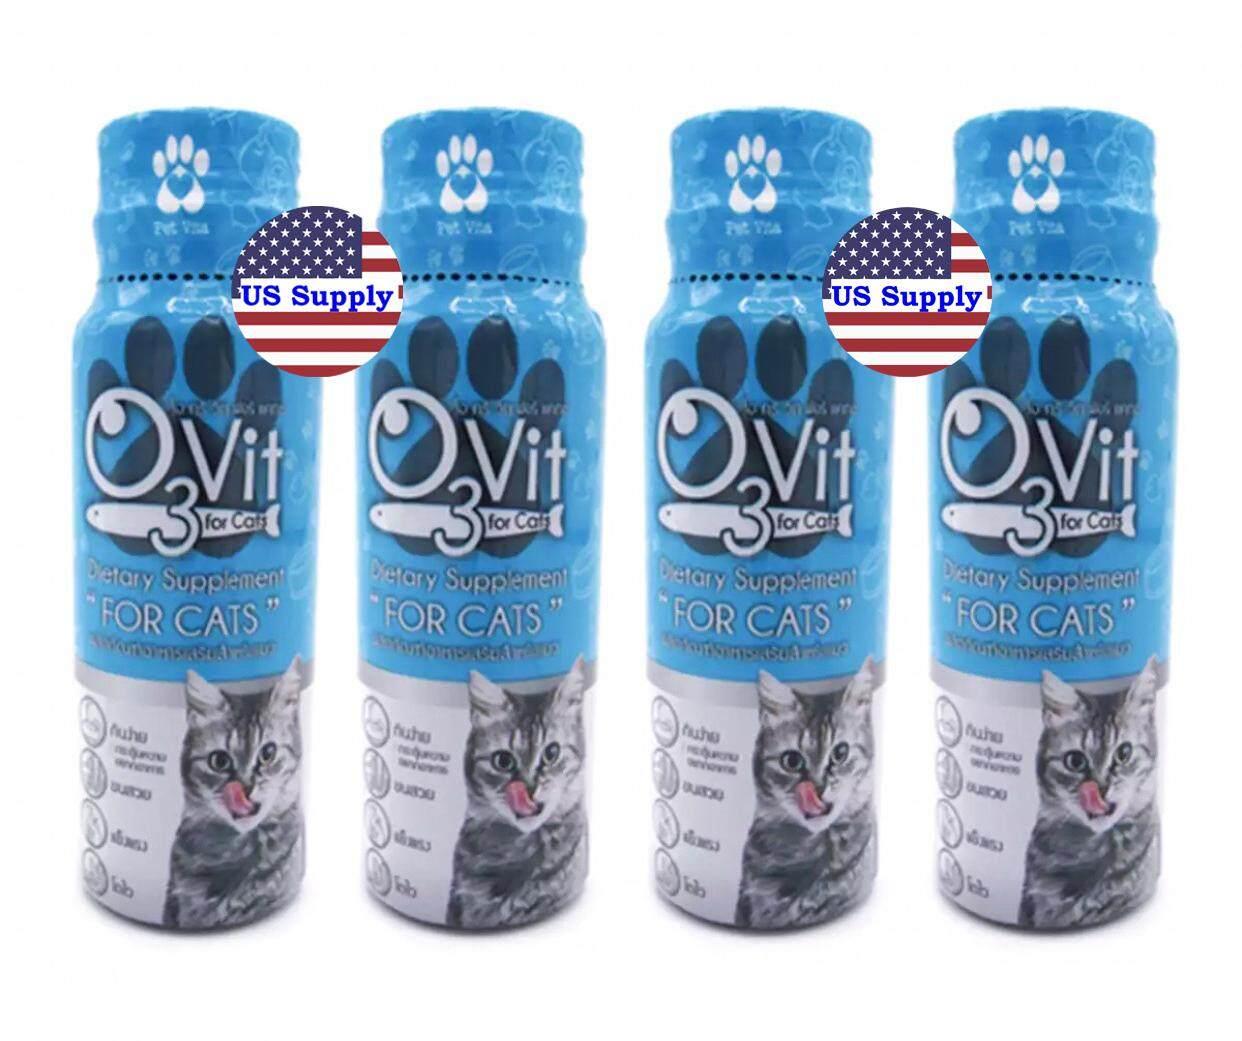 เก็บเงินปลายทางได้ O3Vit for Cats (50ml x 4 ขวด)  วิตามินรวมแมวแบบน้ำ บำรุงแมวให้อ้วน เสริมภูมิ บำรุงขน สุขภาพแข็งแรง EXP: 2020 +ส่ง KERRY+